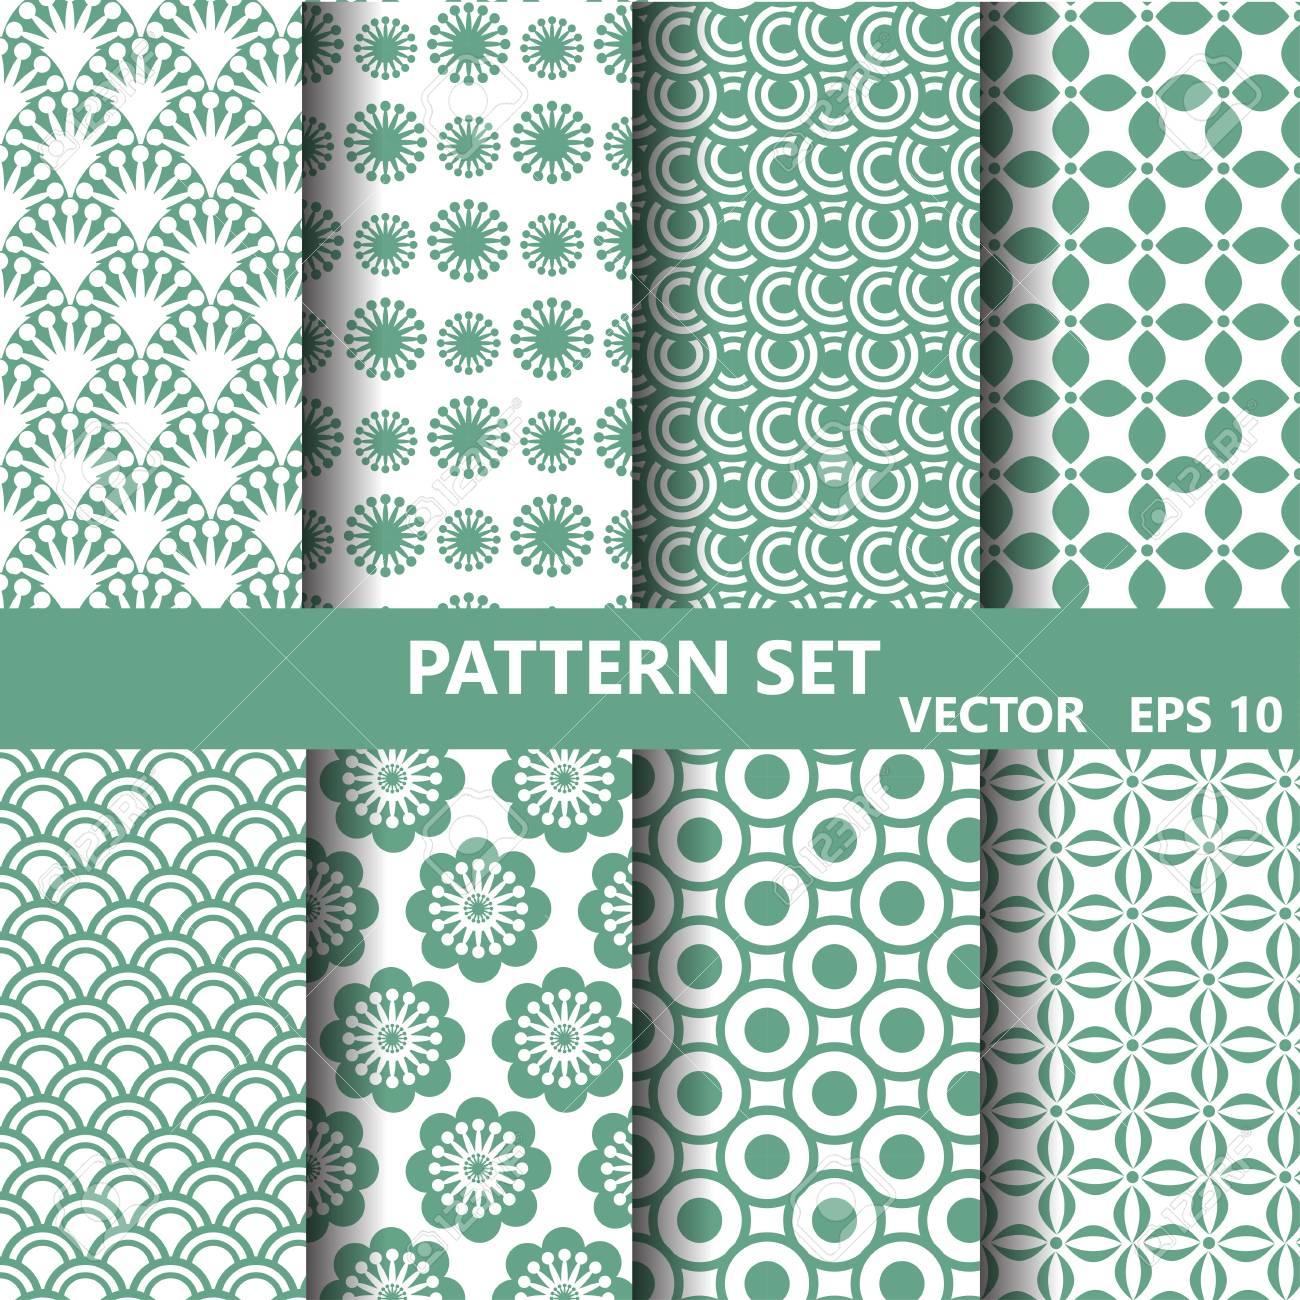 muster zu installieren knnen endless textur fr tapeten muster fllt web seite - Tapeten Muster